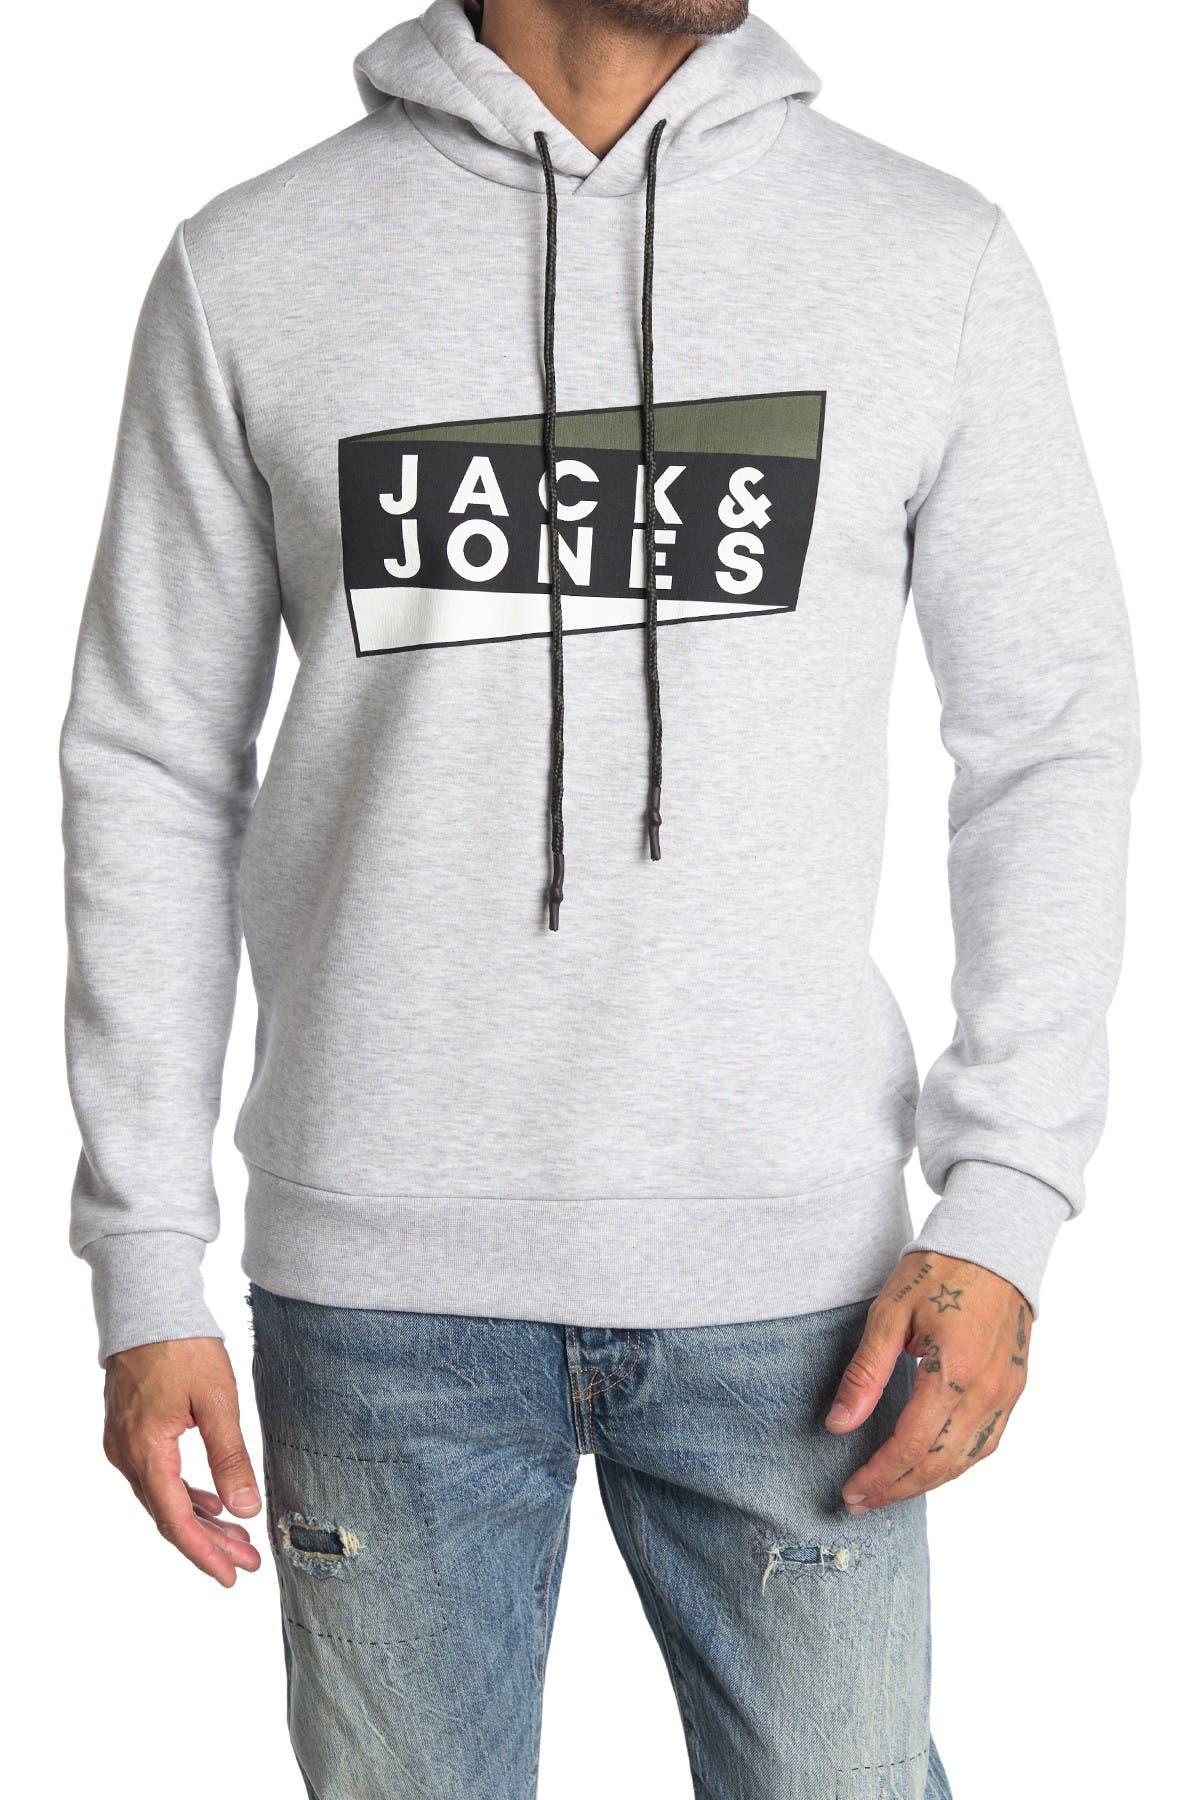 Image of JACK & JONES Logo Pullover Hoodie